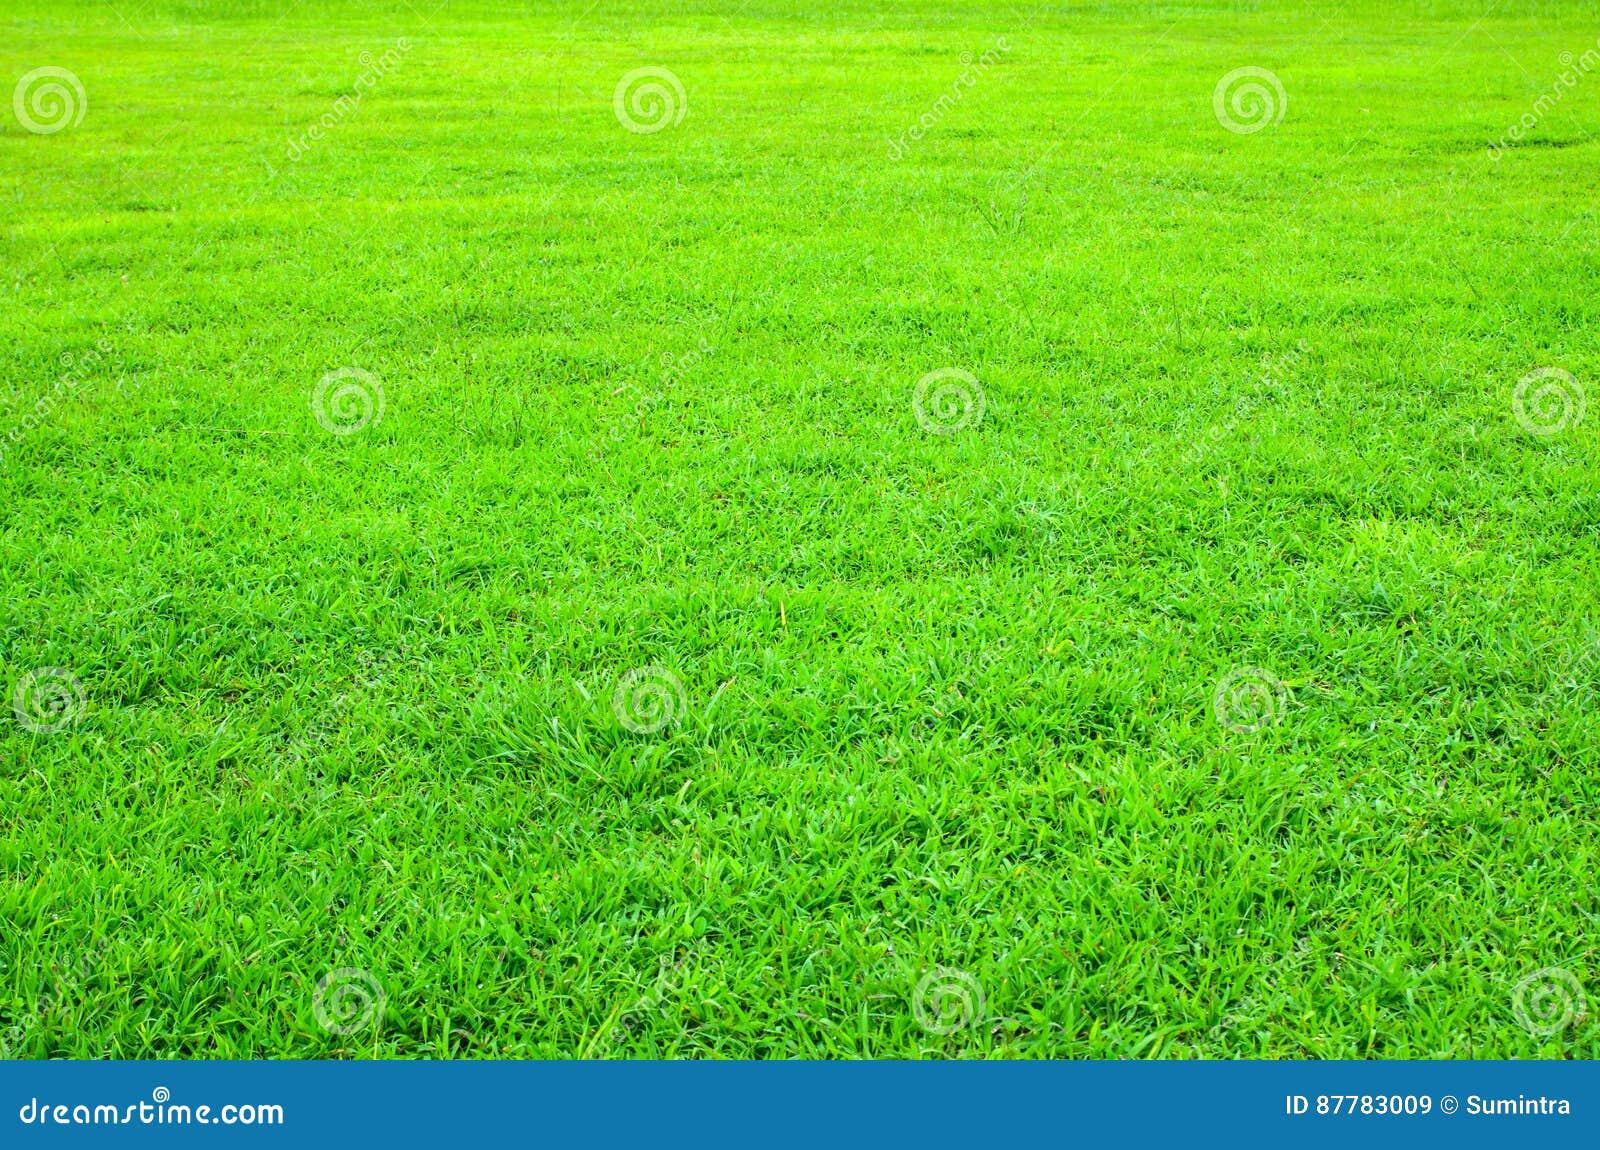 Groen gazon met kort gras voor achtergrond stock afbeelding